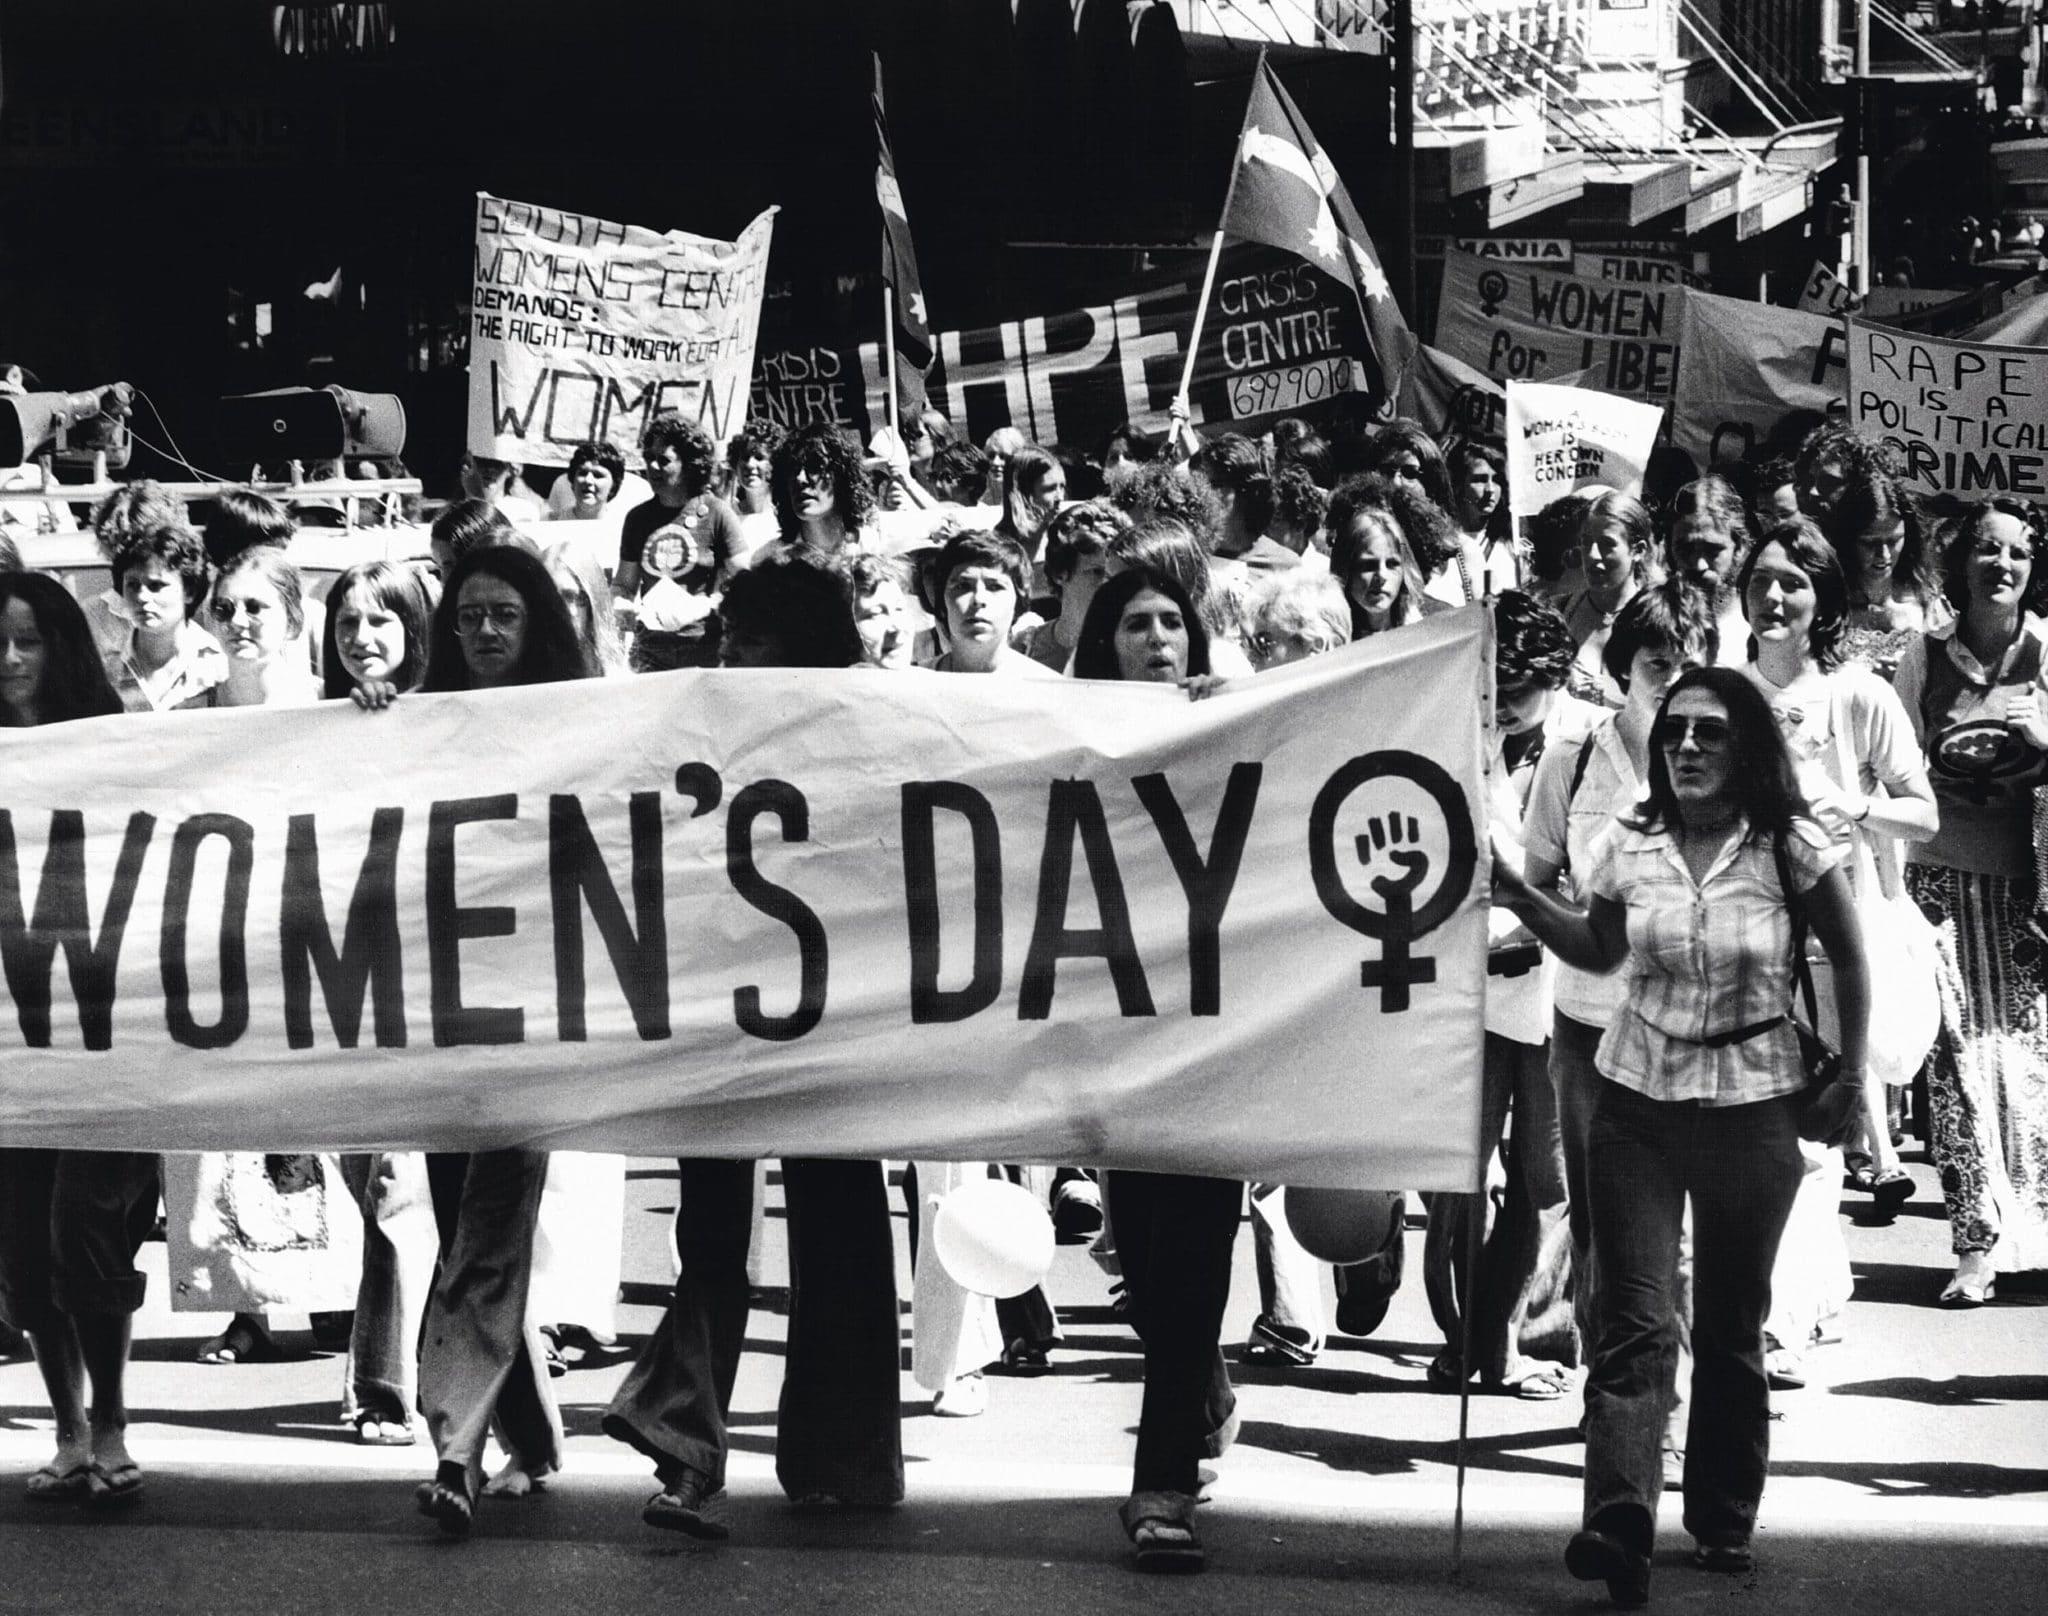 Este 8 de marzo aprende a pedir para lograr tus sueños y los de aquellas mujeres de 1857